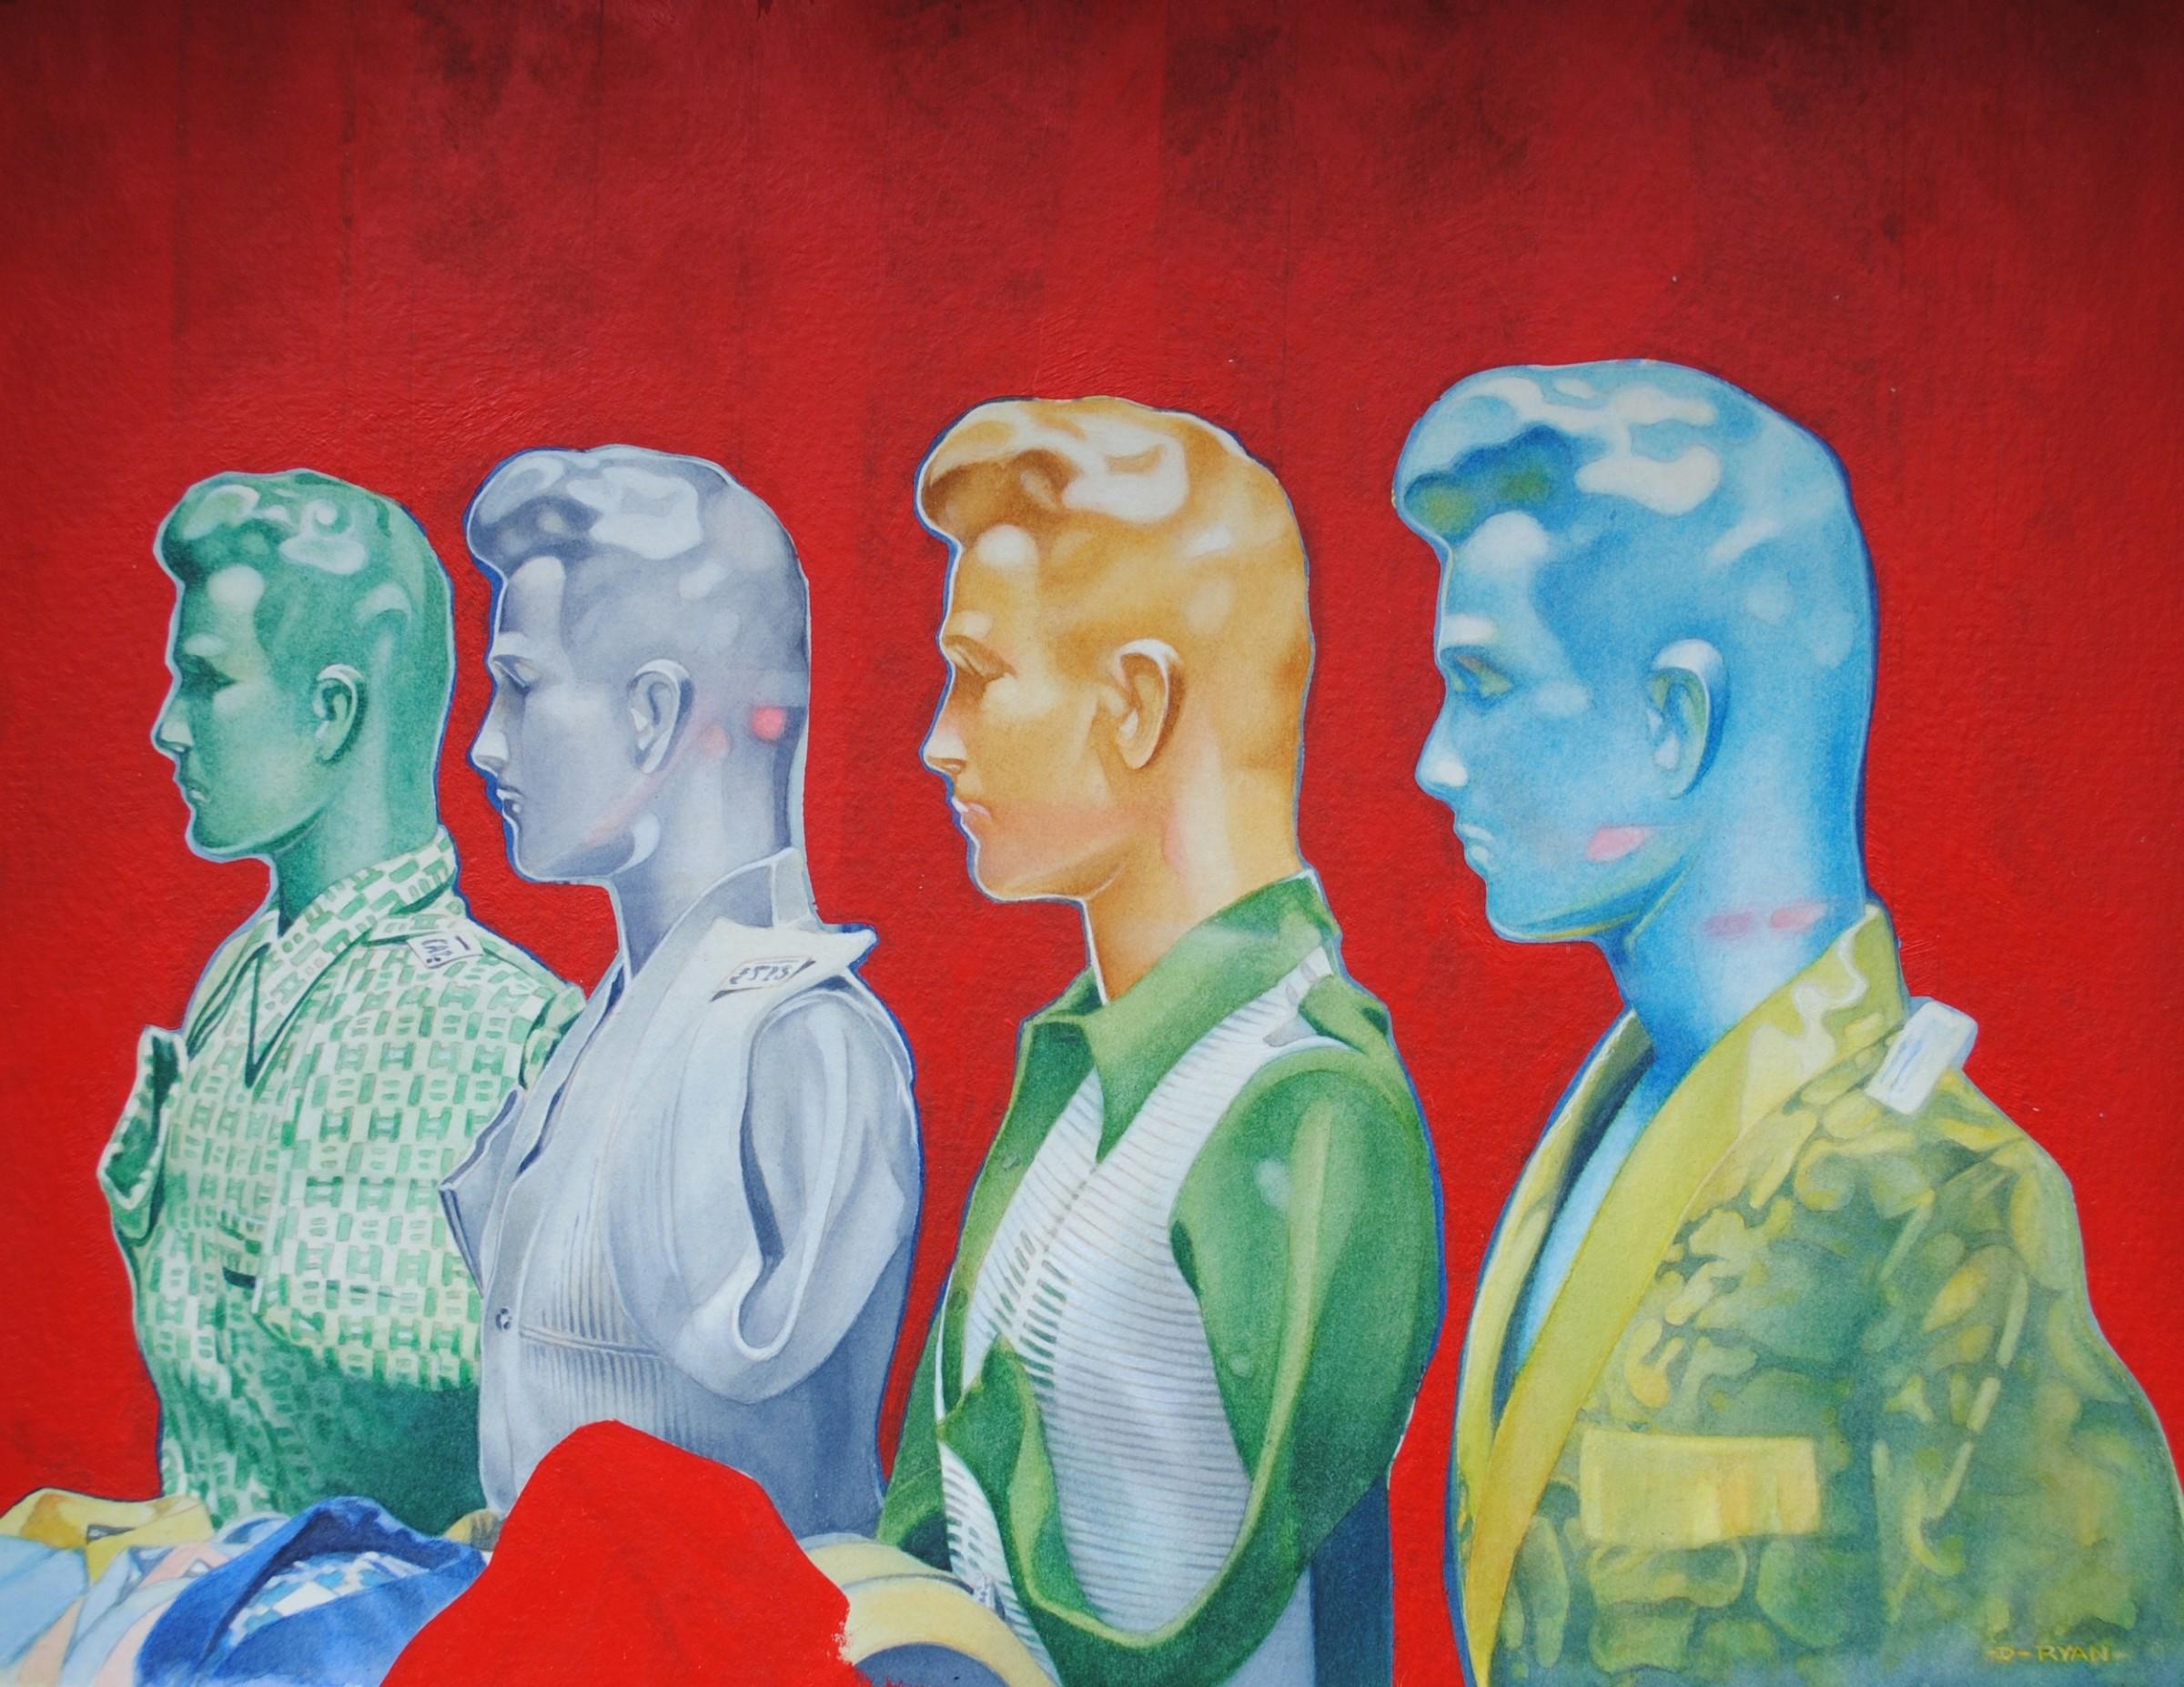 <span class=&#34;link fancybox-details-link&#34;><a href=&#34;/exhibitions/24/works/artworks_standalone10798/&#34;>View Detail Page</a></span><div class=&#34;artist&#34;><span class=&#34;artist&#34;><strong>Denis Ryan</strong></span></div><div class=&#34;title&#34;><em>Cairo Mannequins</em></div><div class=&#34;medium&#34;>watercolour & water-based oil paint</div><div class=&#34;dimensions&#34;>42x48cm</div>